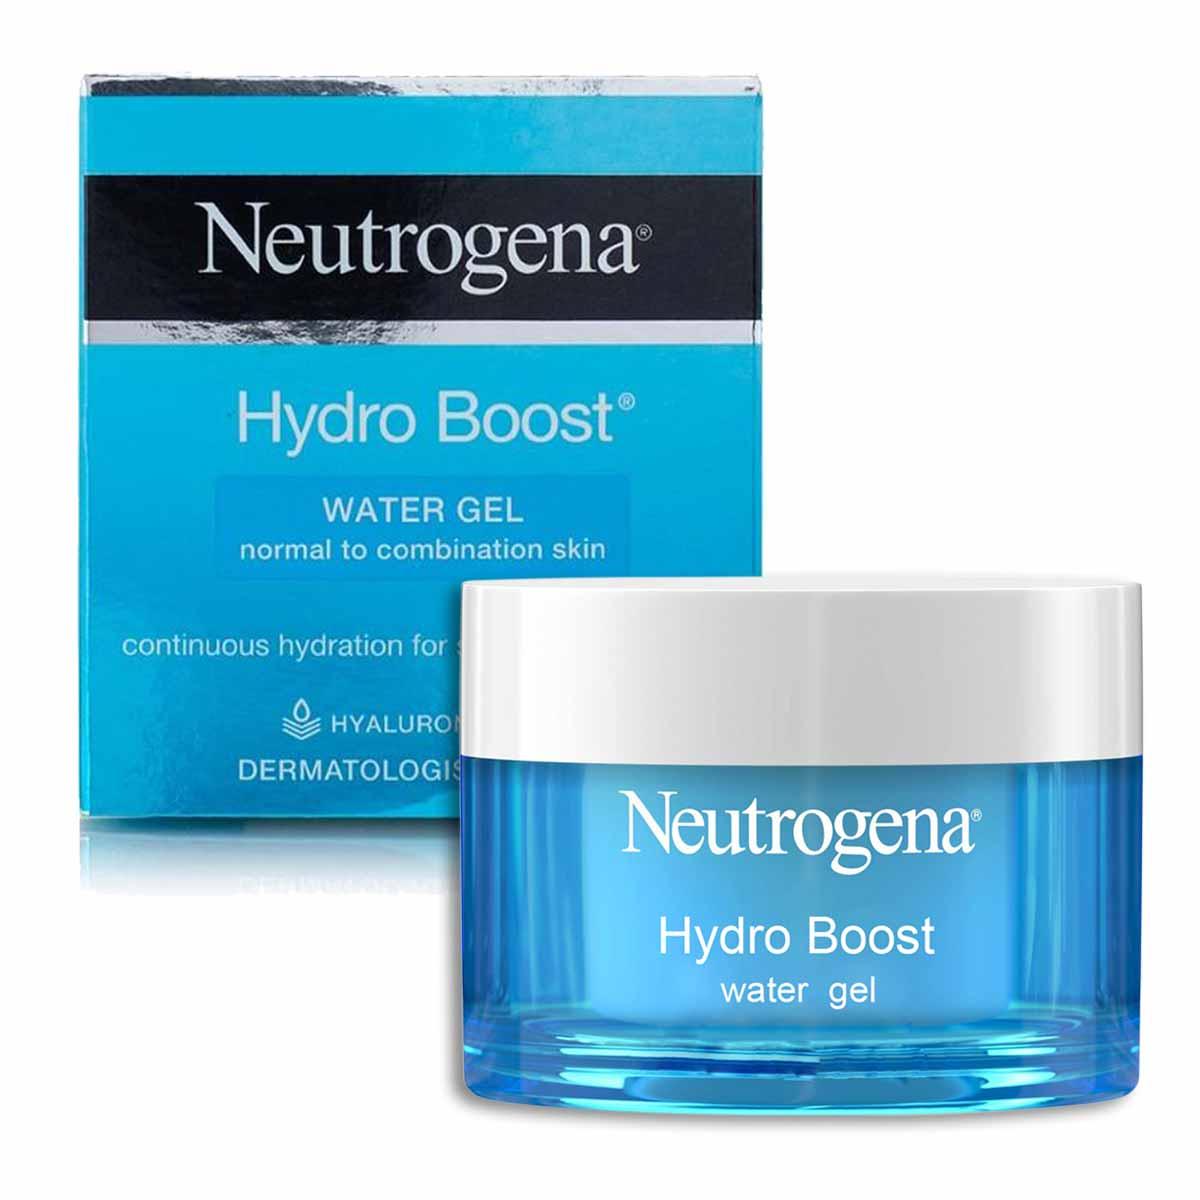 Kem dưỡng ẩm Neutrogena là gì